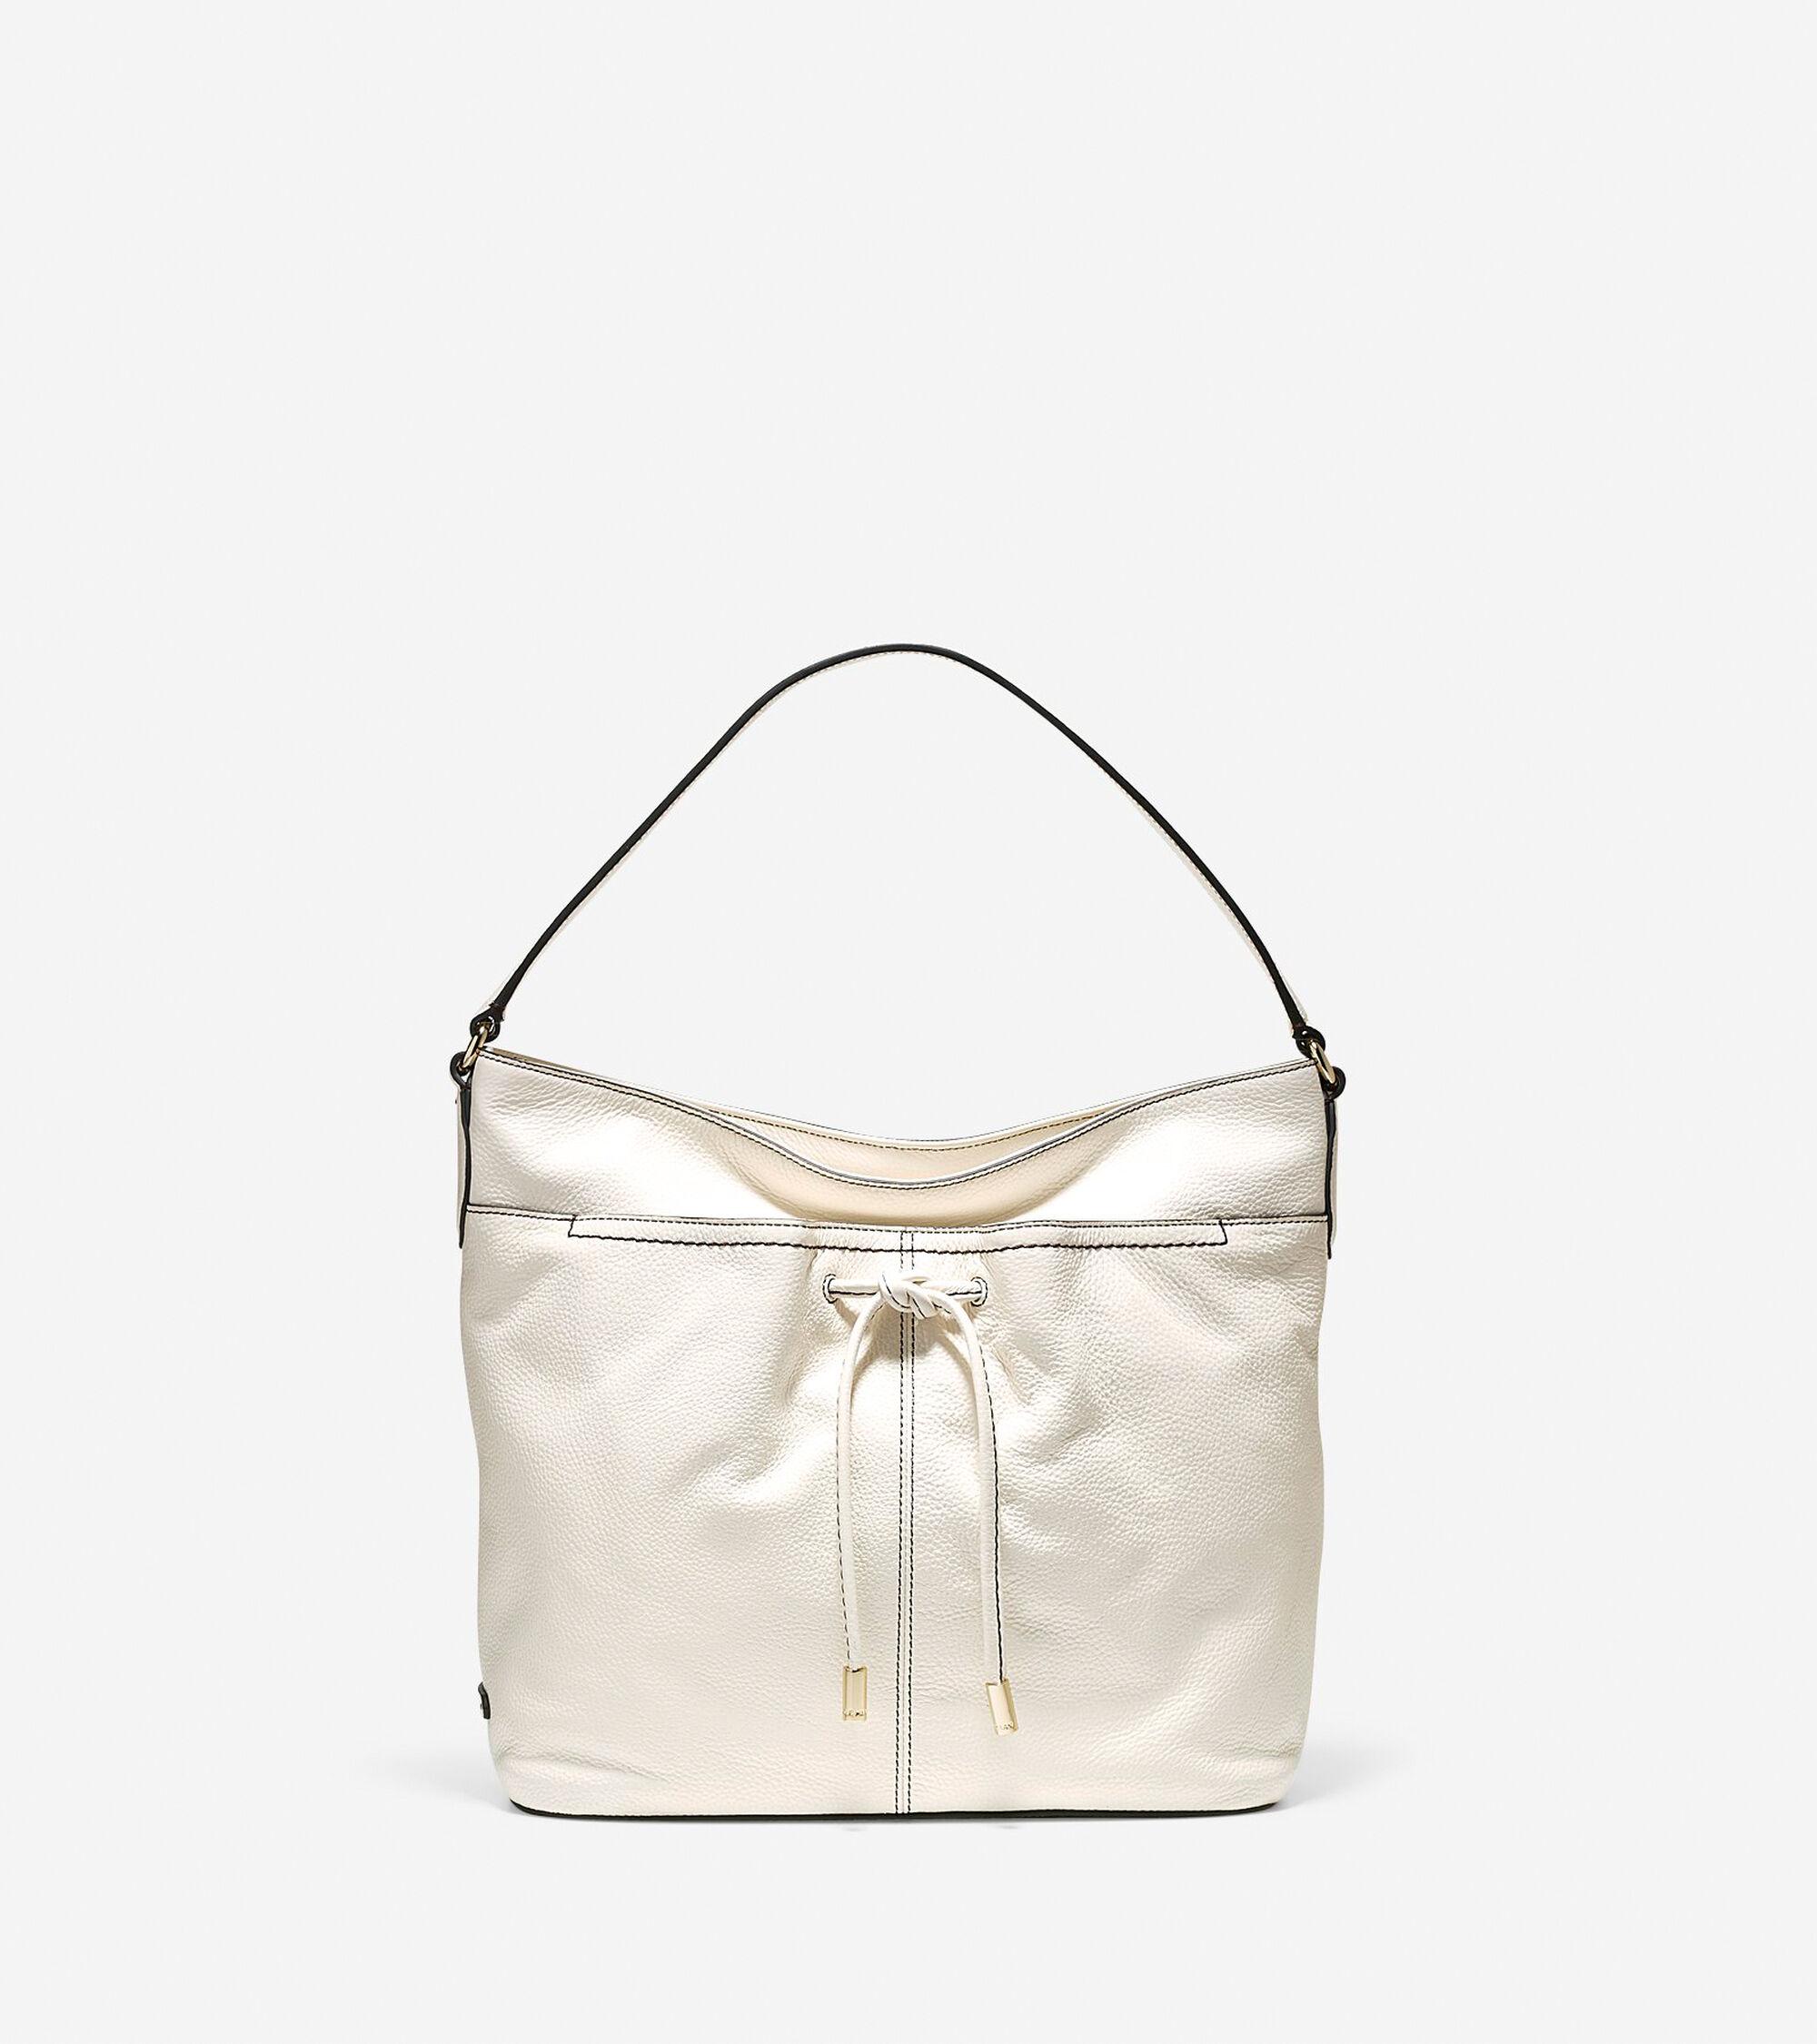 Handbags > Reiley Hobo